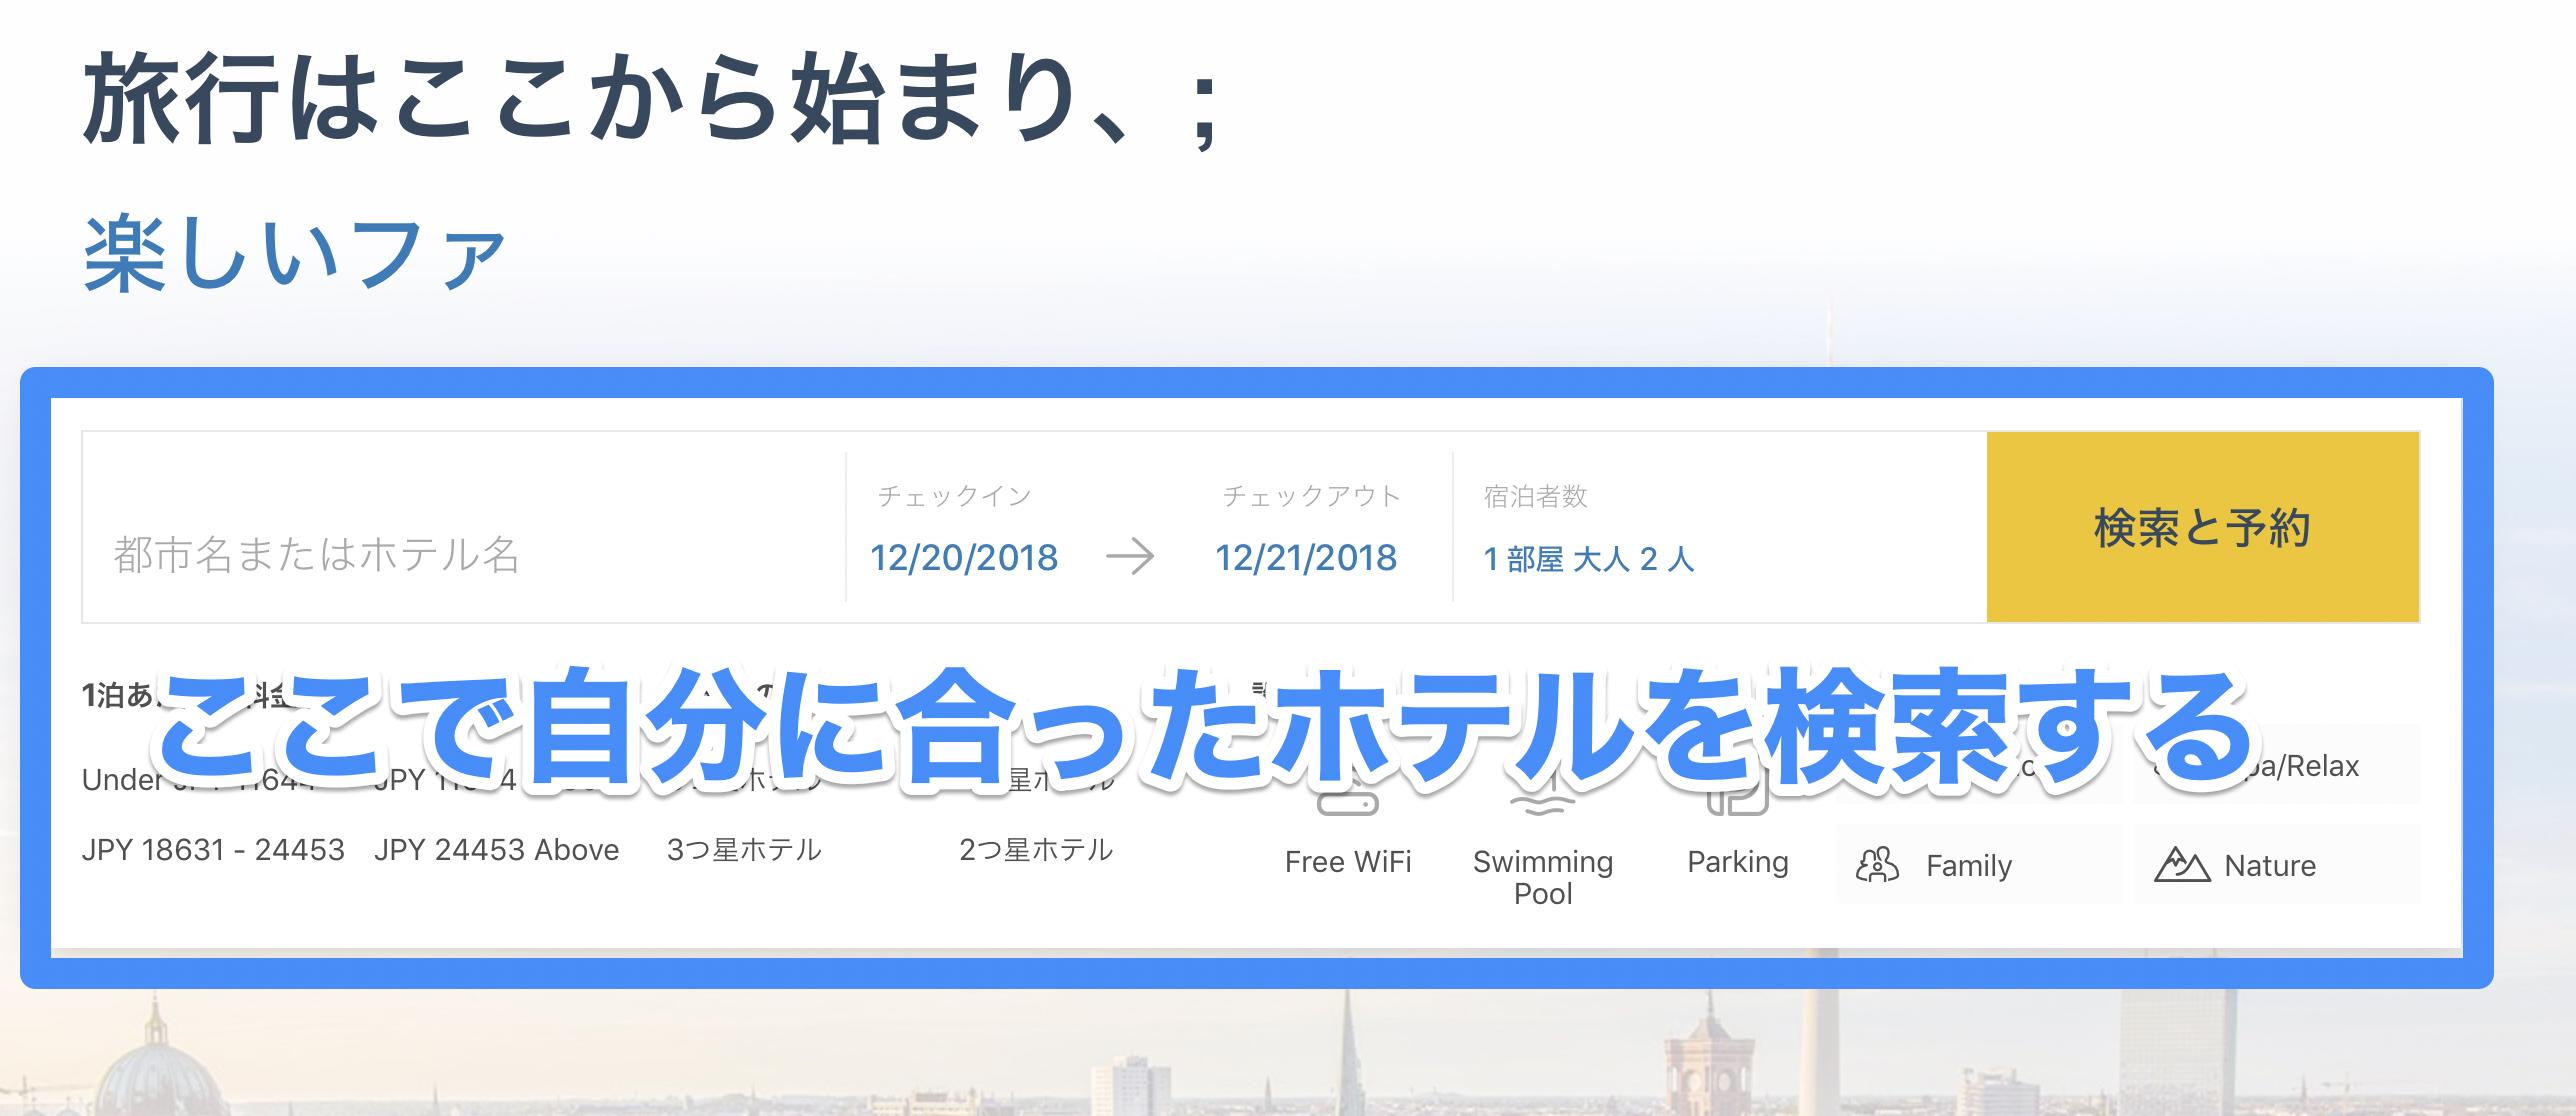 otel.comでホテルを予約する方法